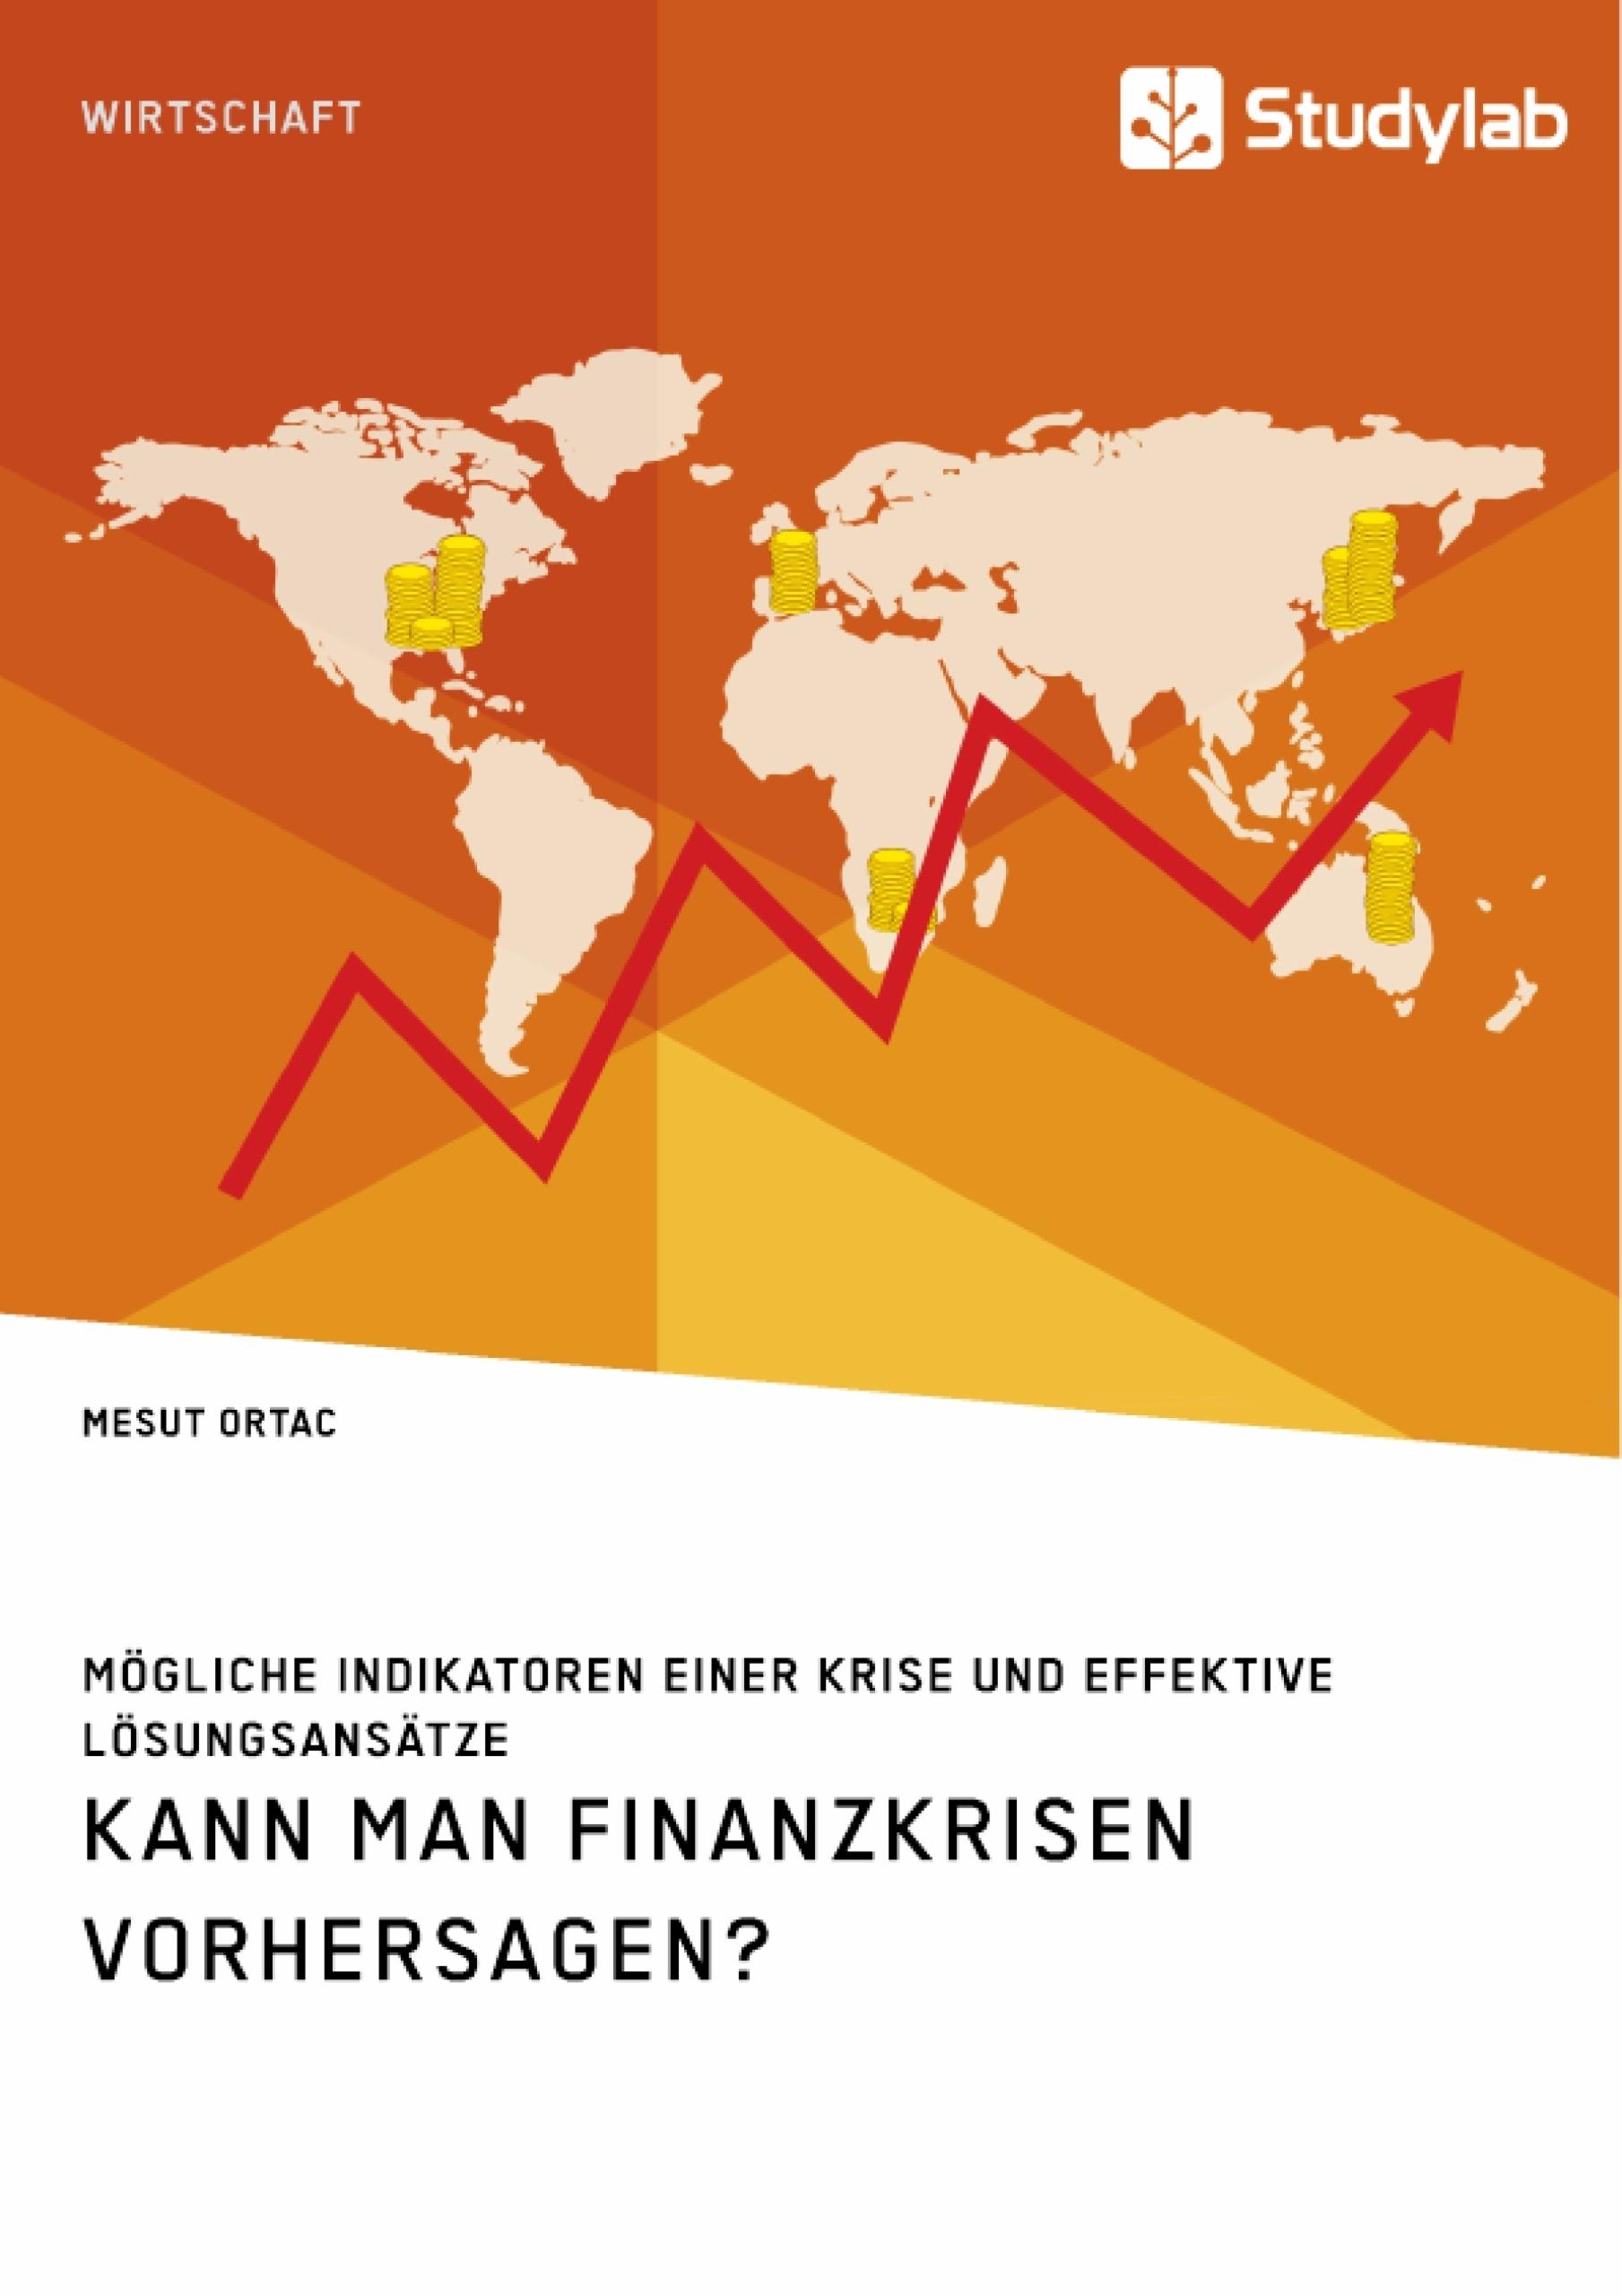 Titel: Kann man Finanzkrisen vorhersagen? Mögliche Indikatoren einer Krise und effektive Lösungsansätze